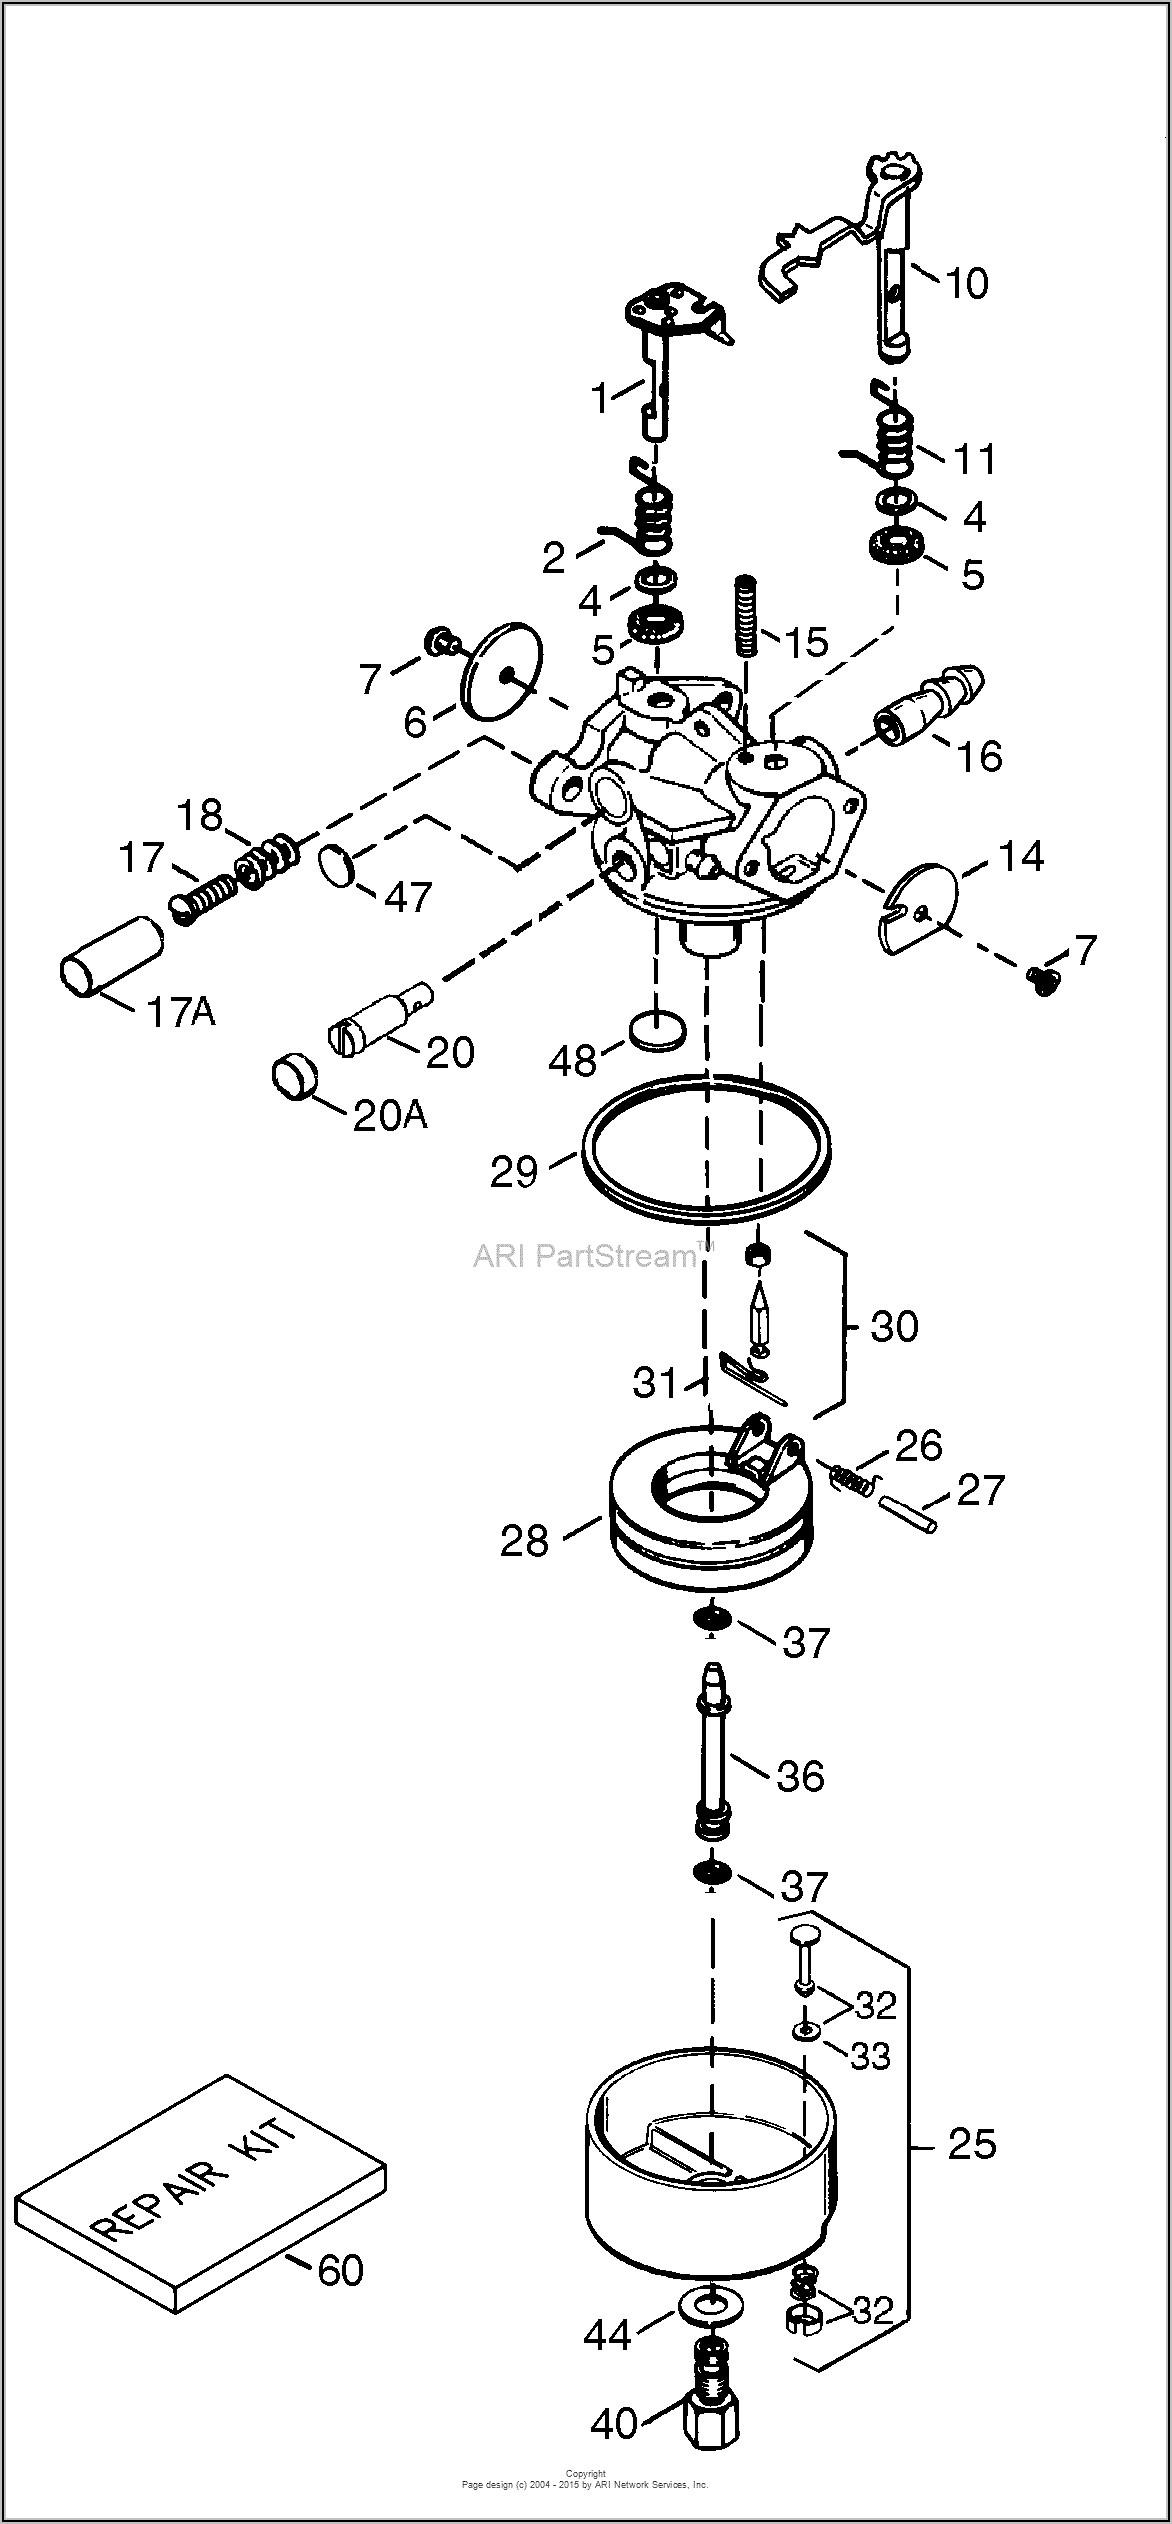 Honda Lawn Mower Carburetor Parts Diagram